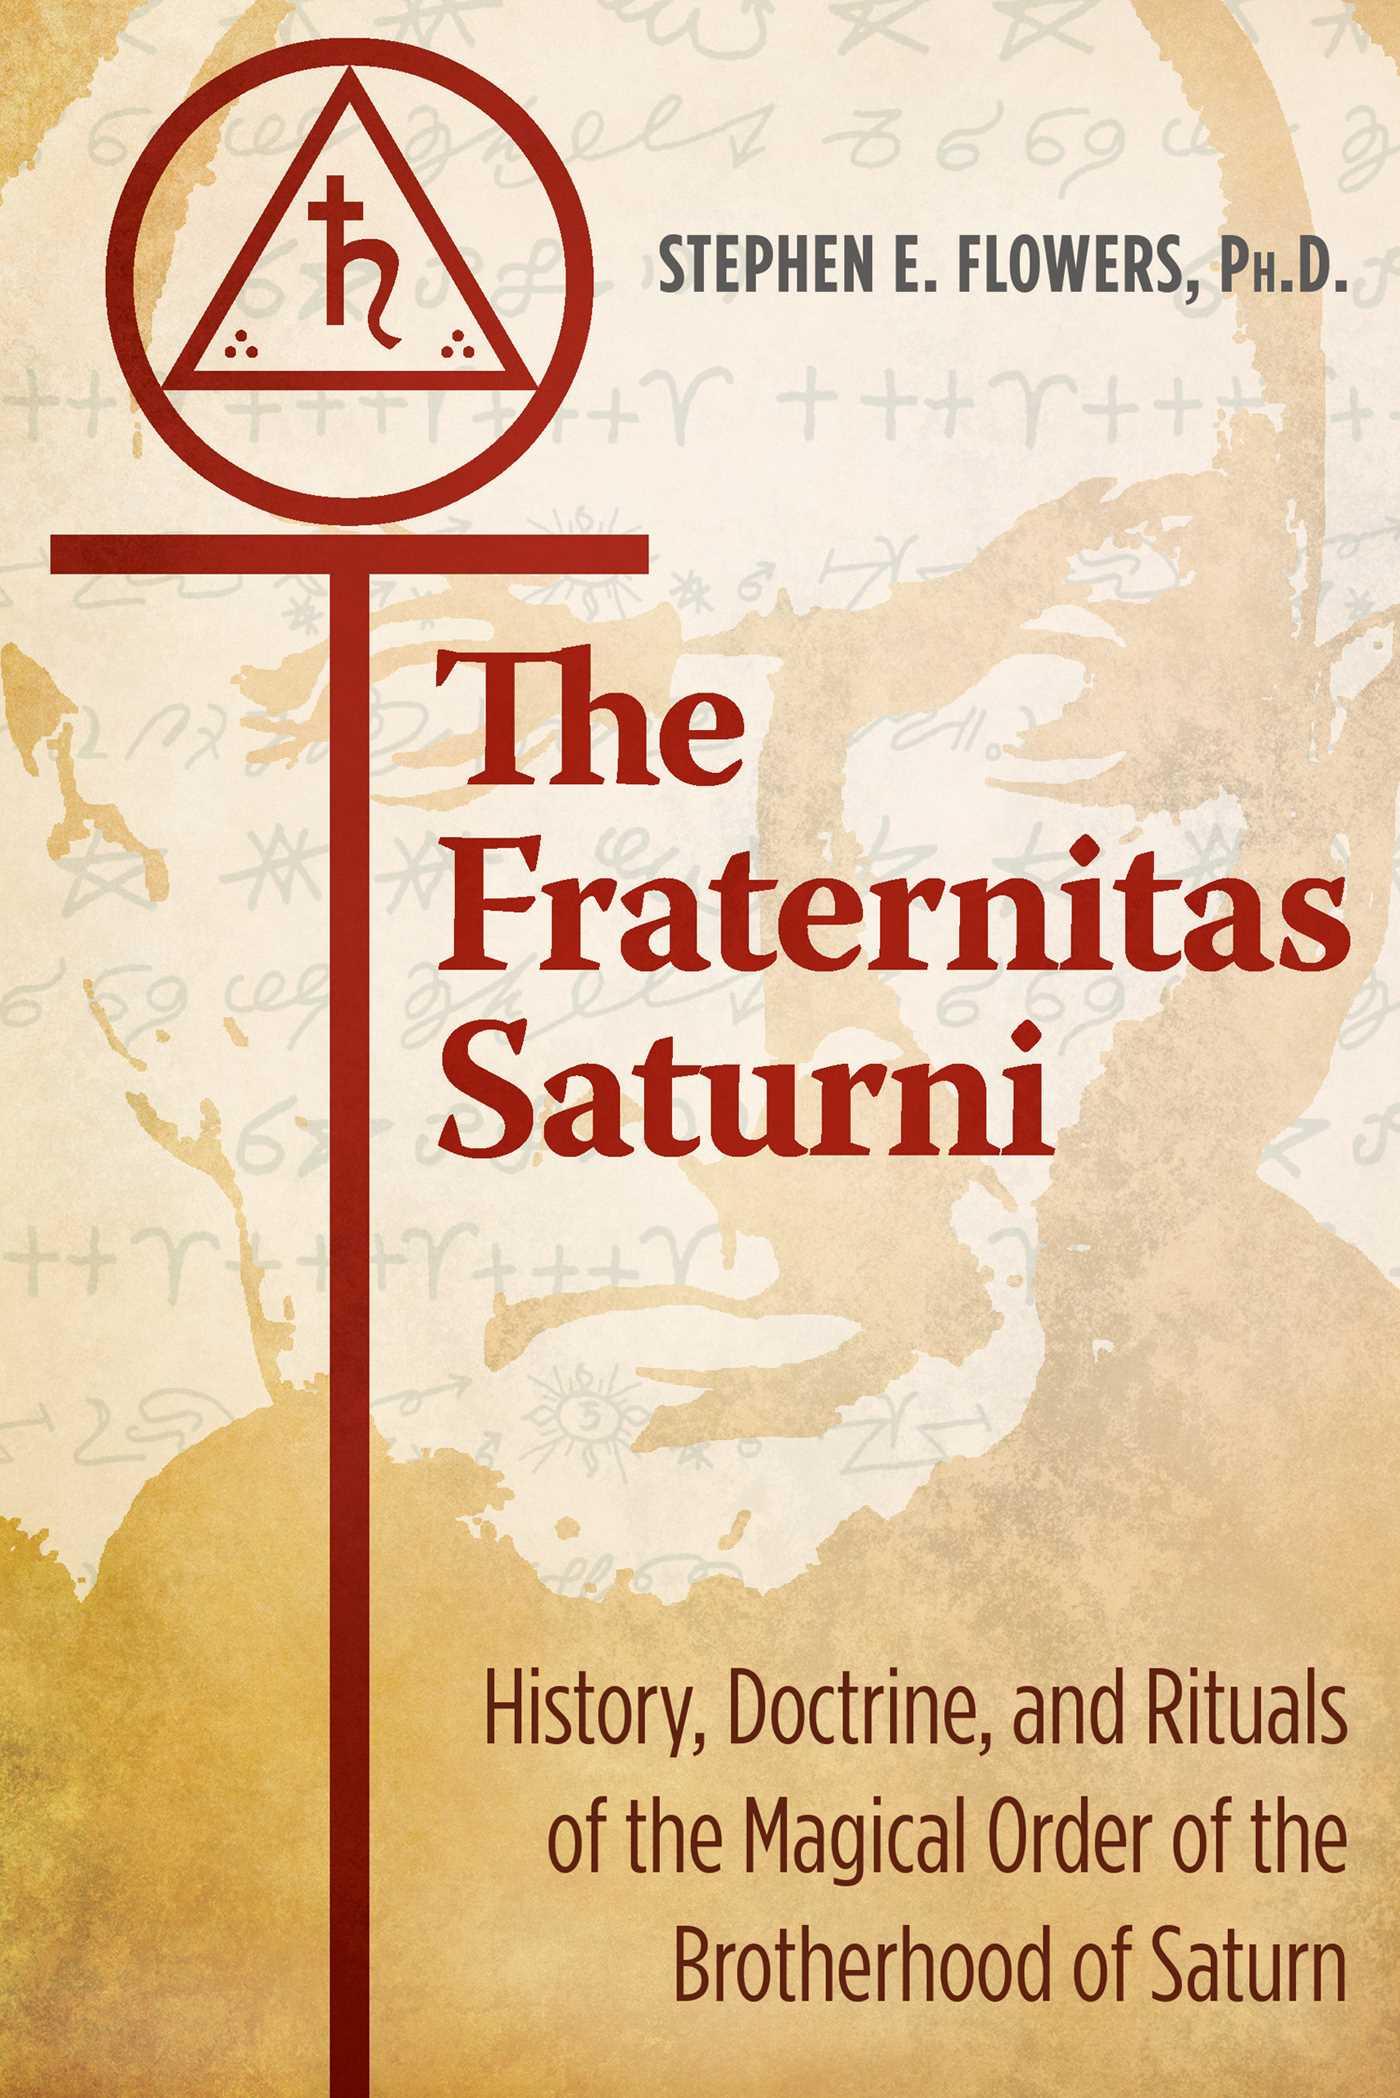 The fraternitas saturni 9781620557228 hr